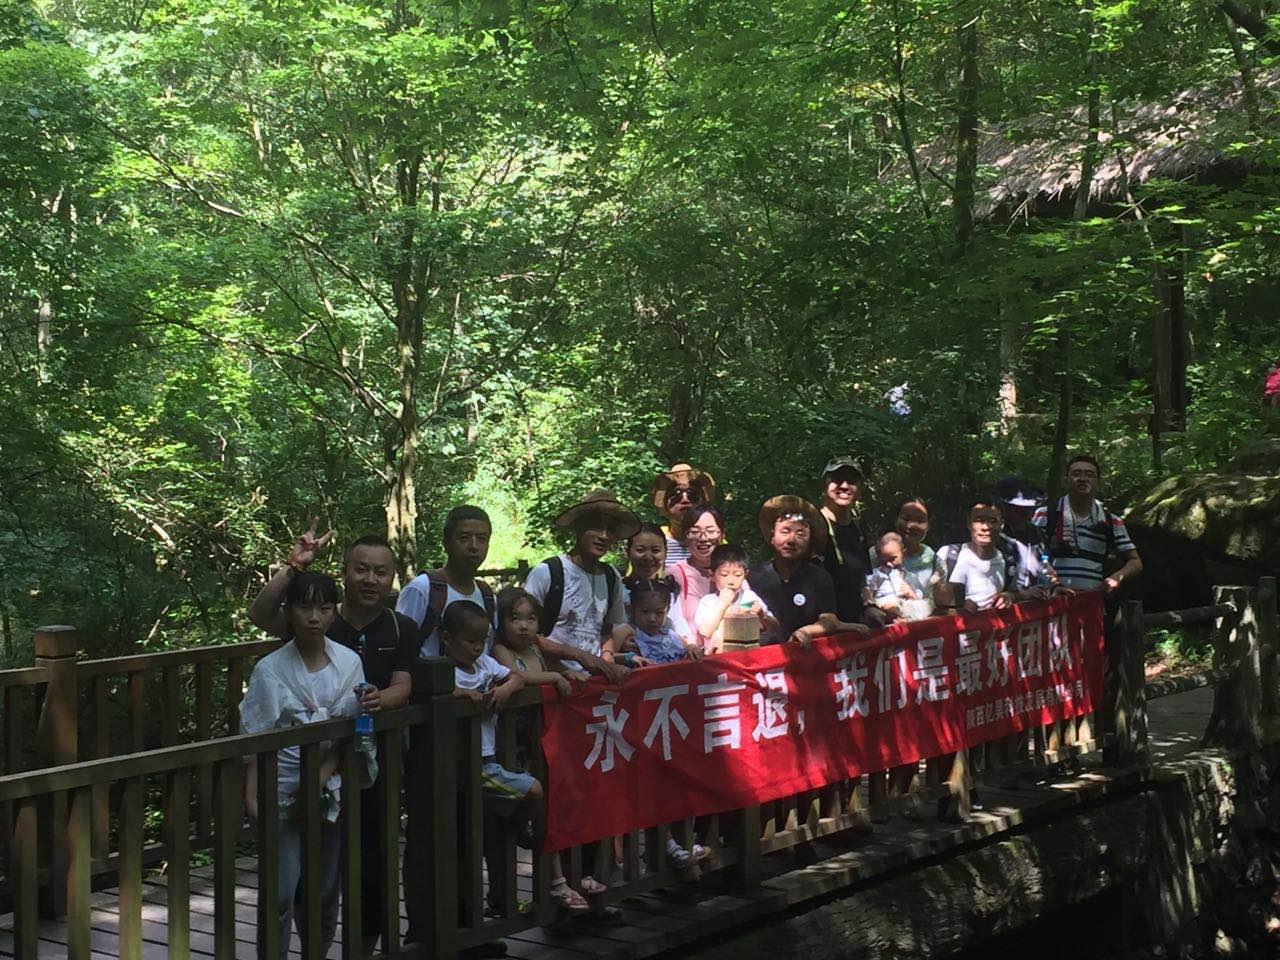 旅游之行,集体相伴 ——陕西亿昊2017年员工旅游活动